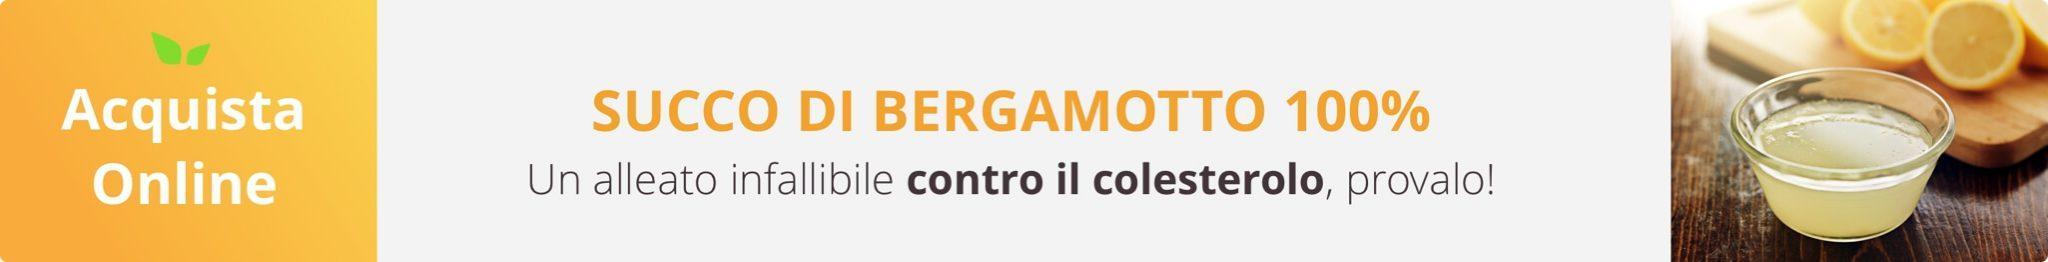 Acquista Online Succo di Bergamotto di Calabria su FruttaWeb.com